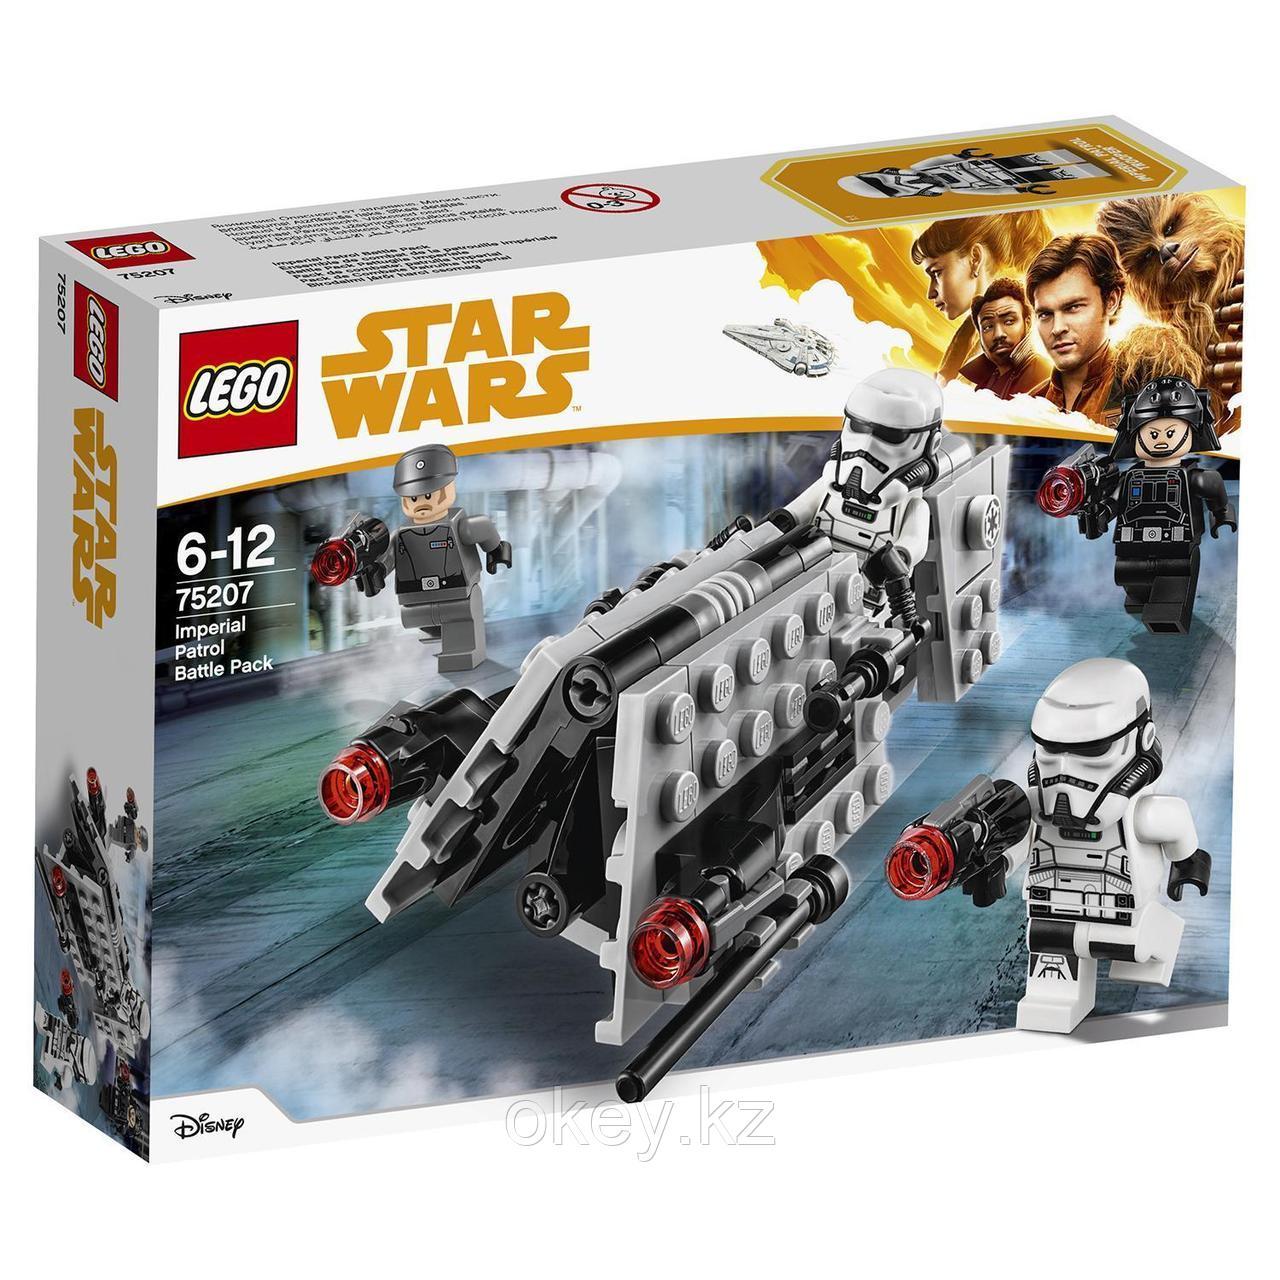 LEGO Star Wars: Боевой набор имперского патруля 75207